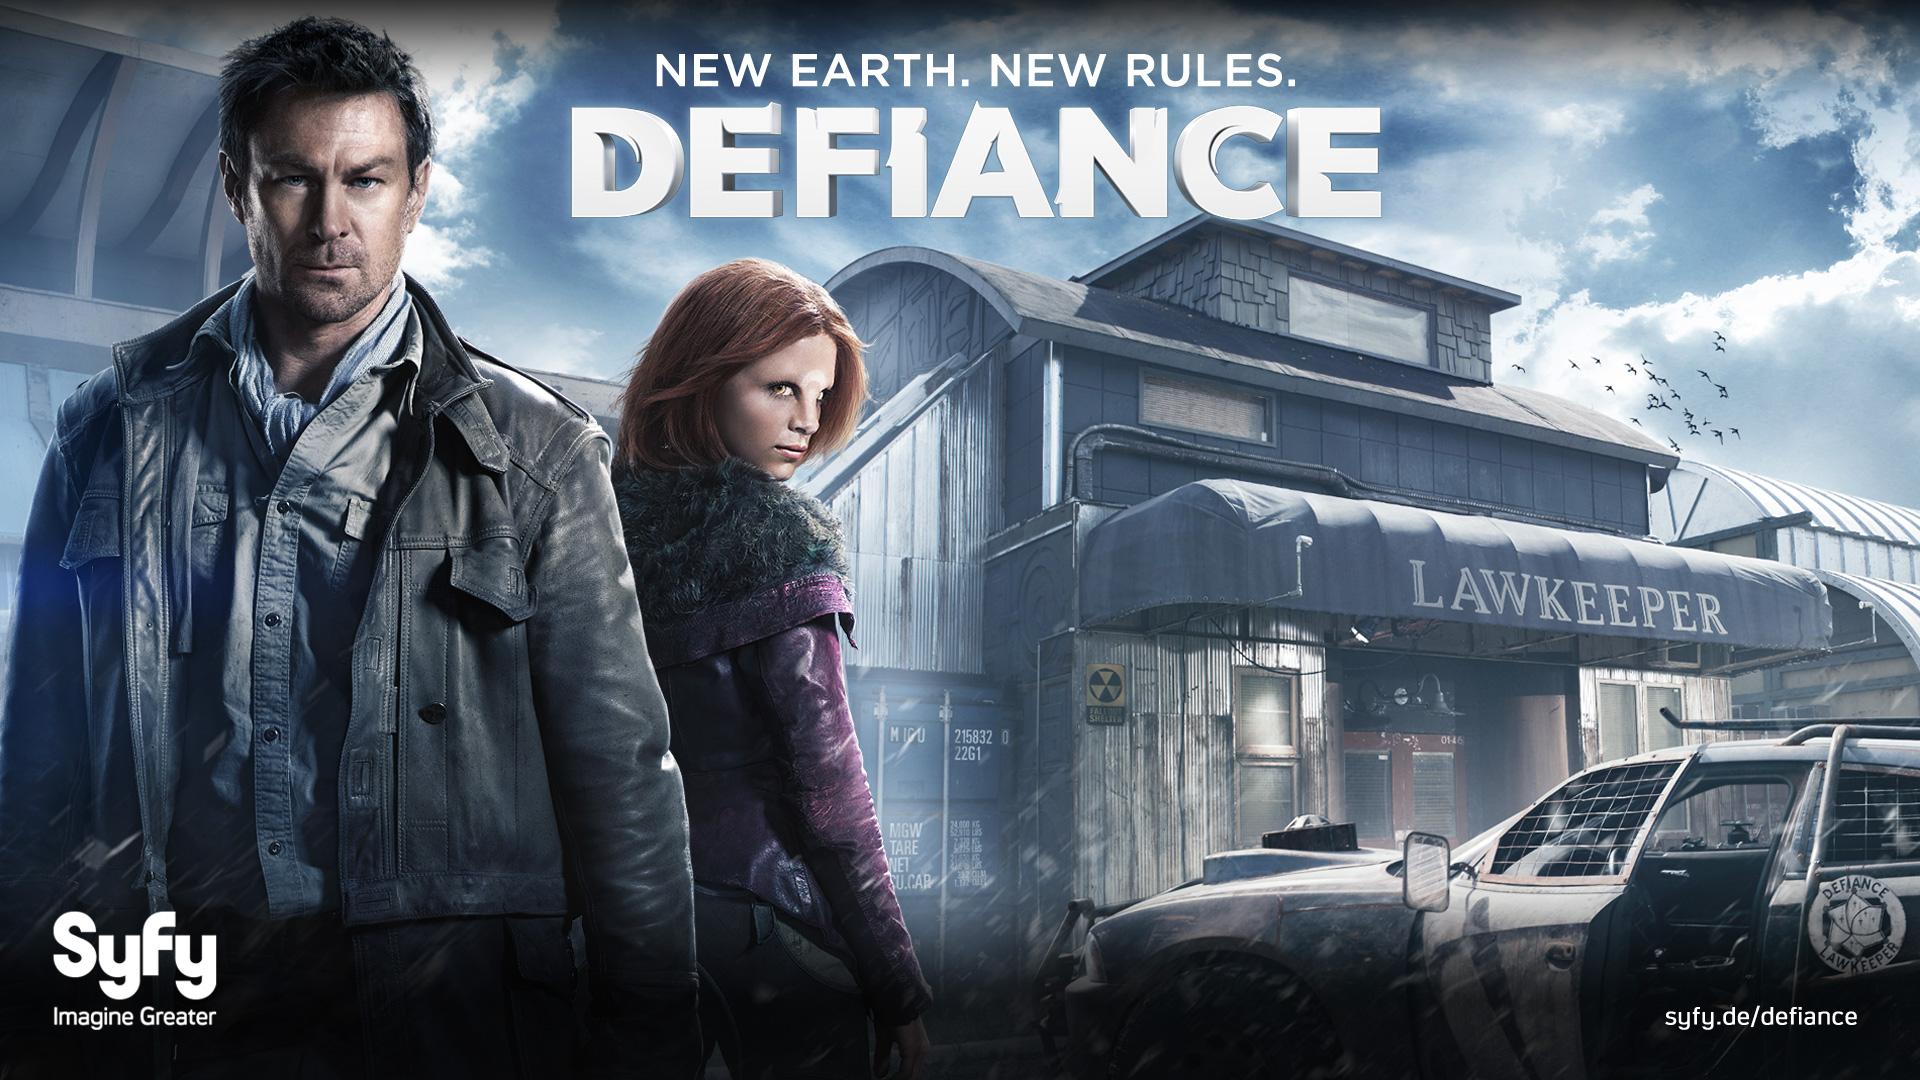 defiance_syfy_1920x1080